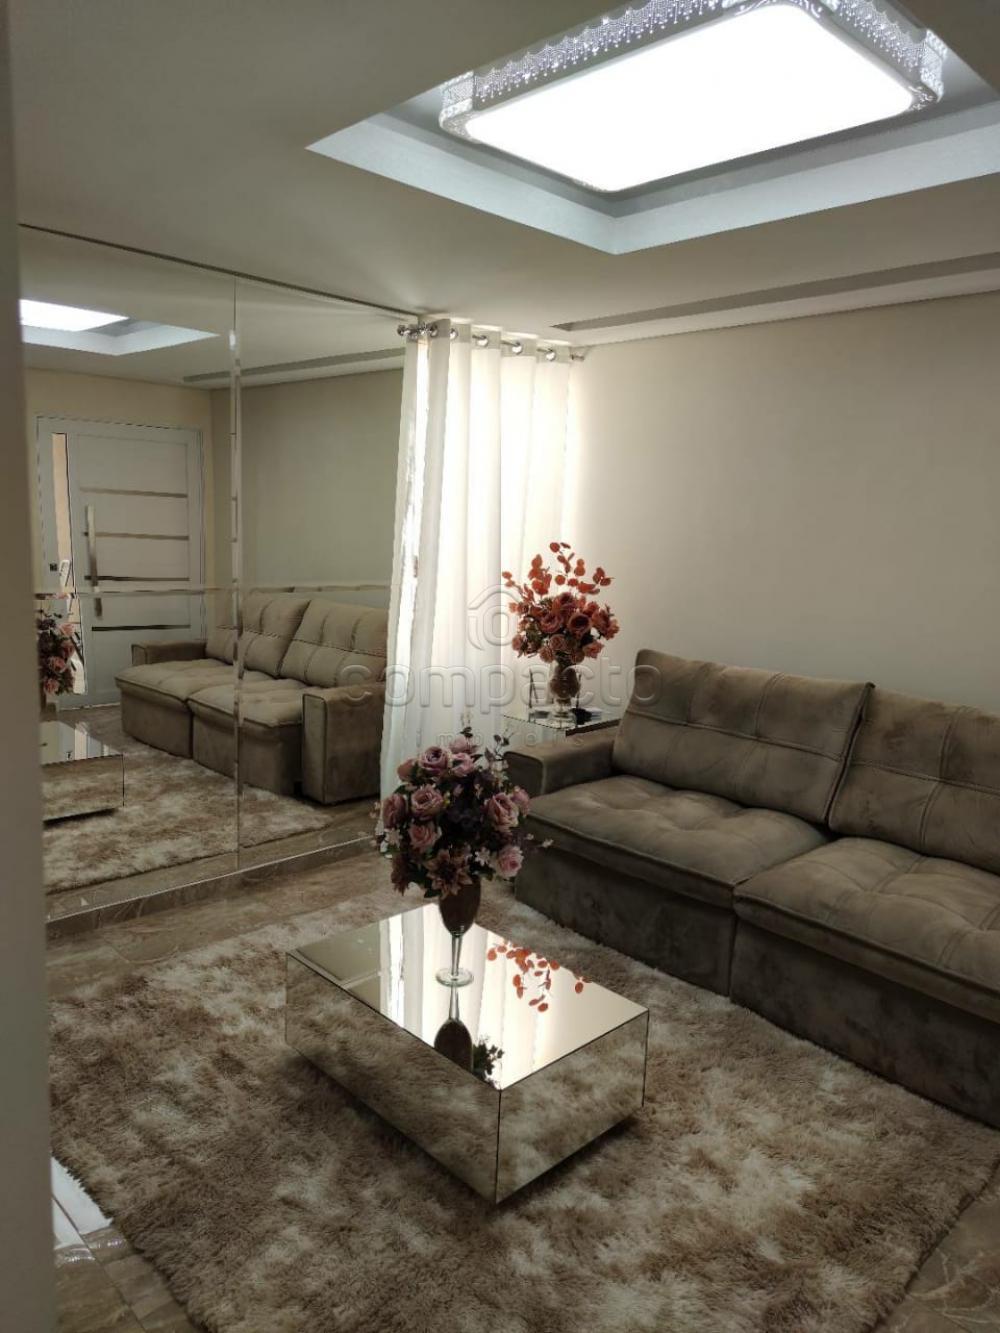 Comprar Casa / Padrão em Mirassol apenas R$ 350.000,00 - Foto 3